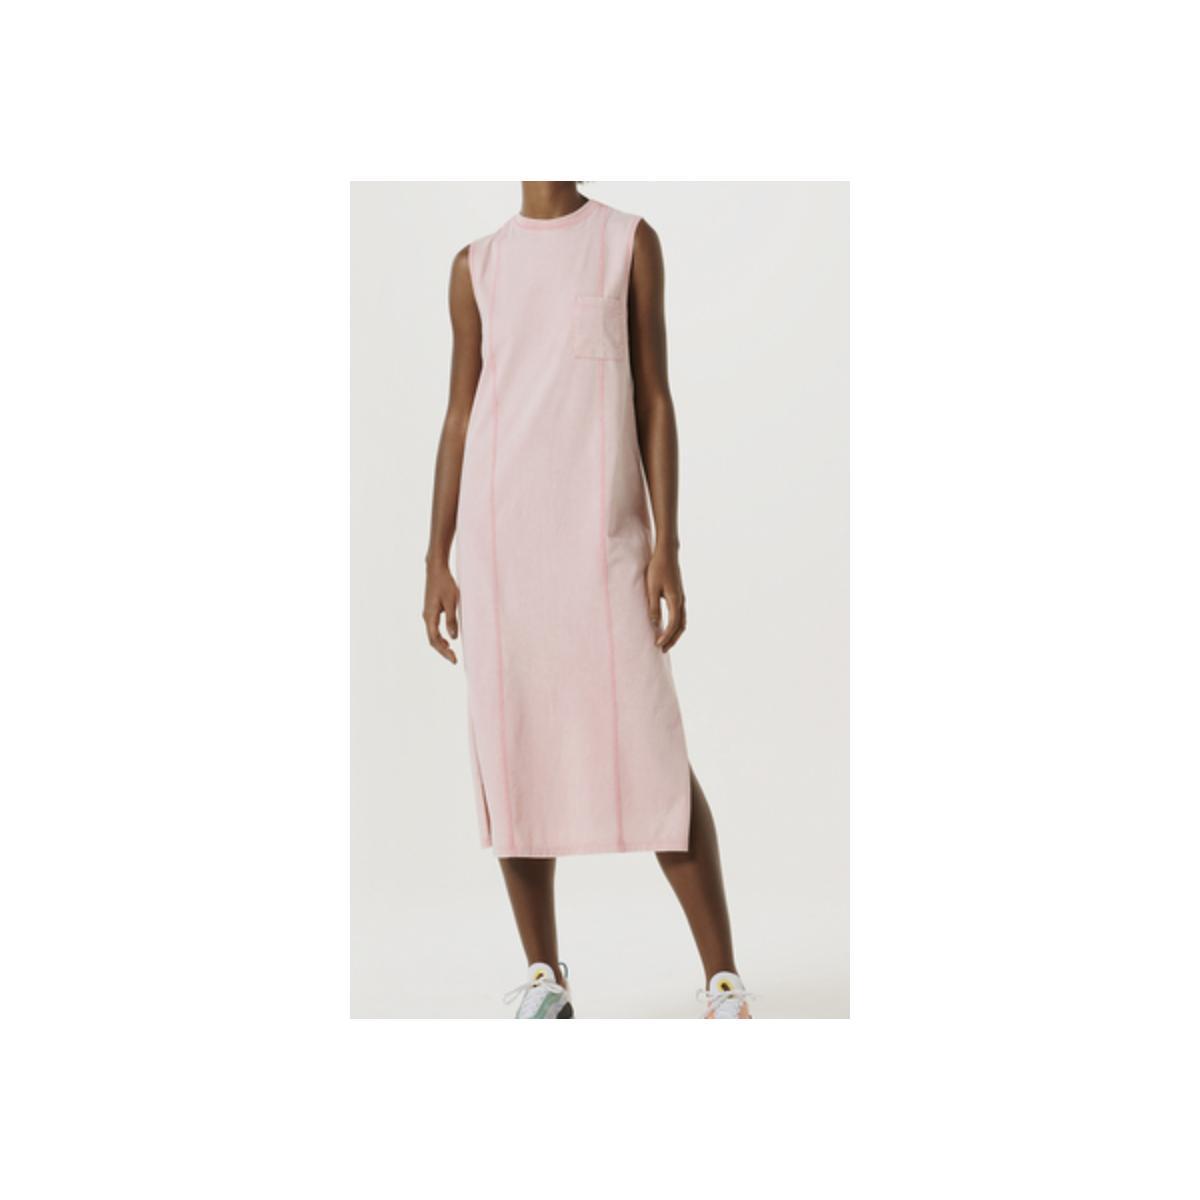 Vestido Feminino Hering 7cc0 Kapen Rosa